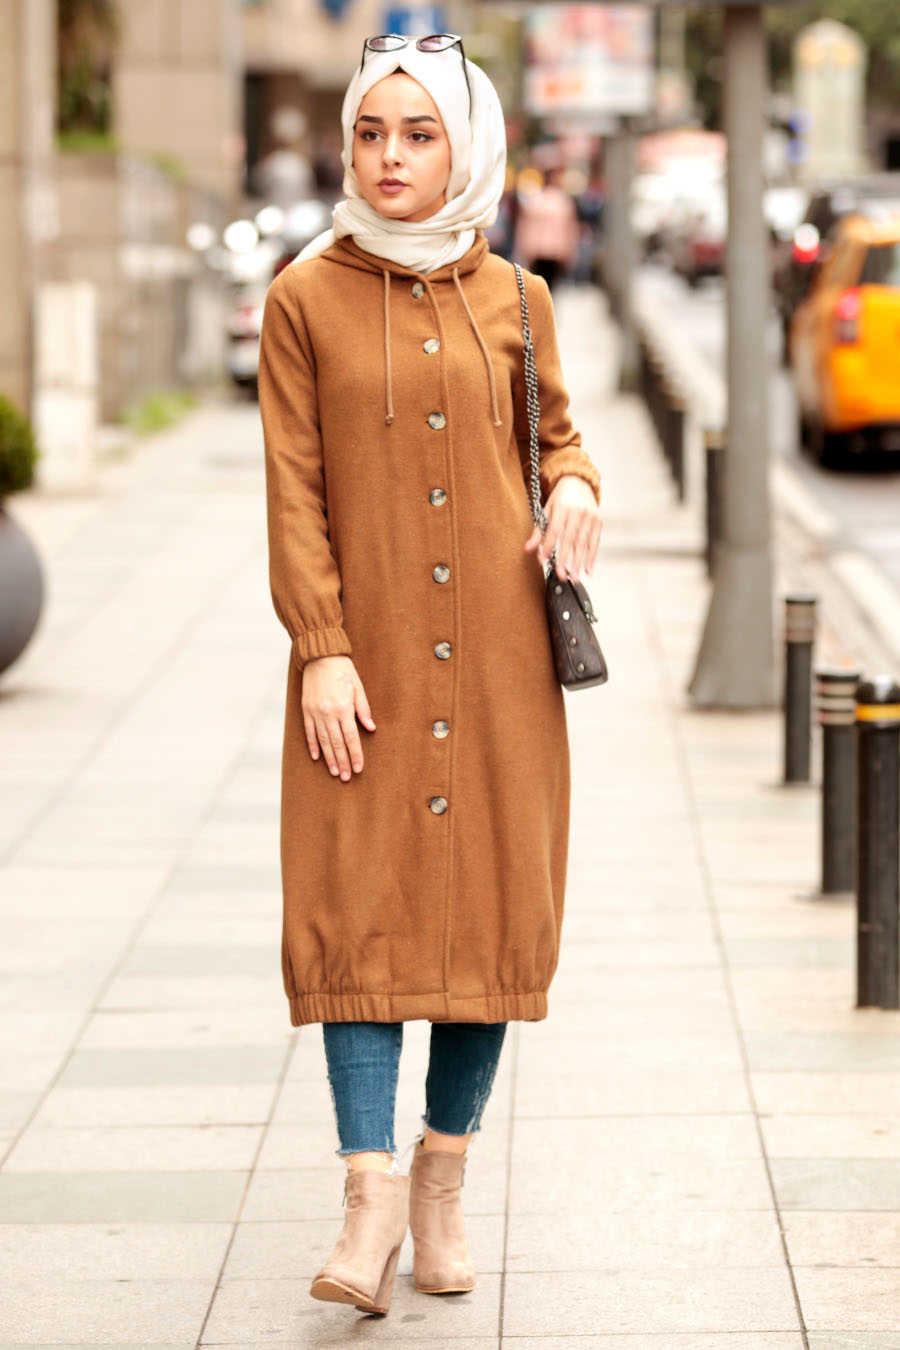 Neva Style - Orange Hijab Coat 5403T